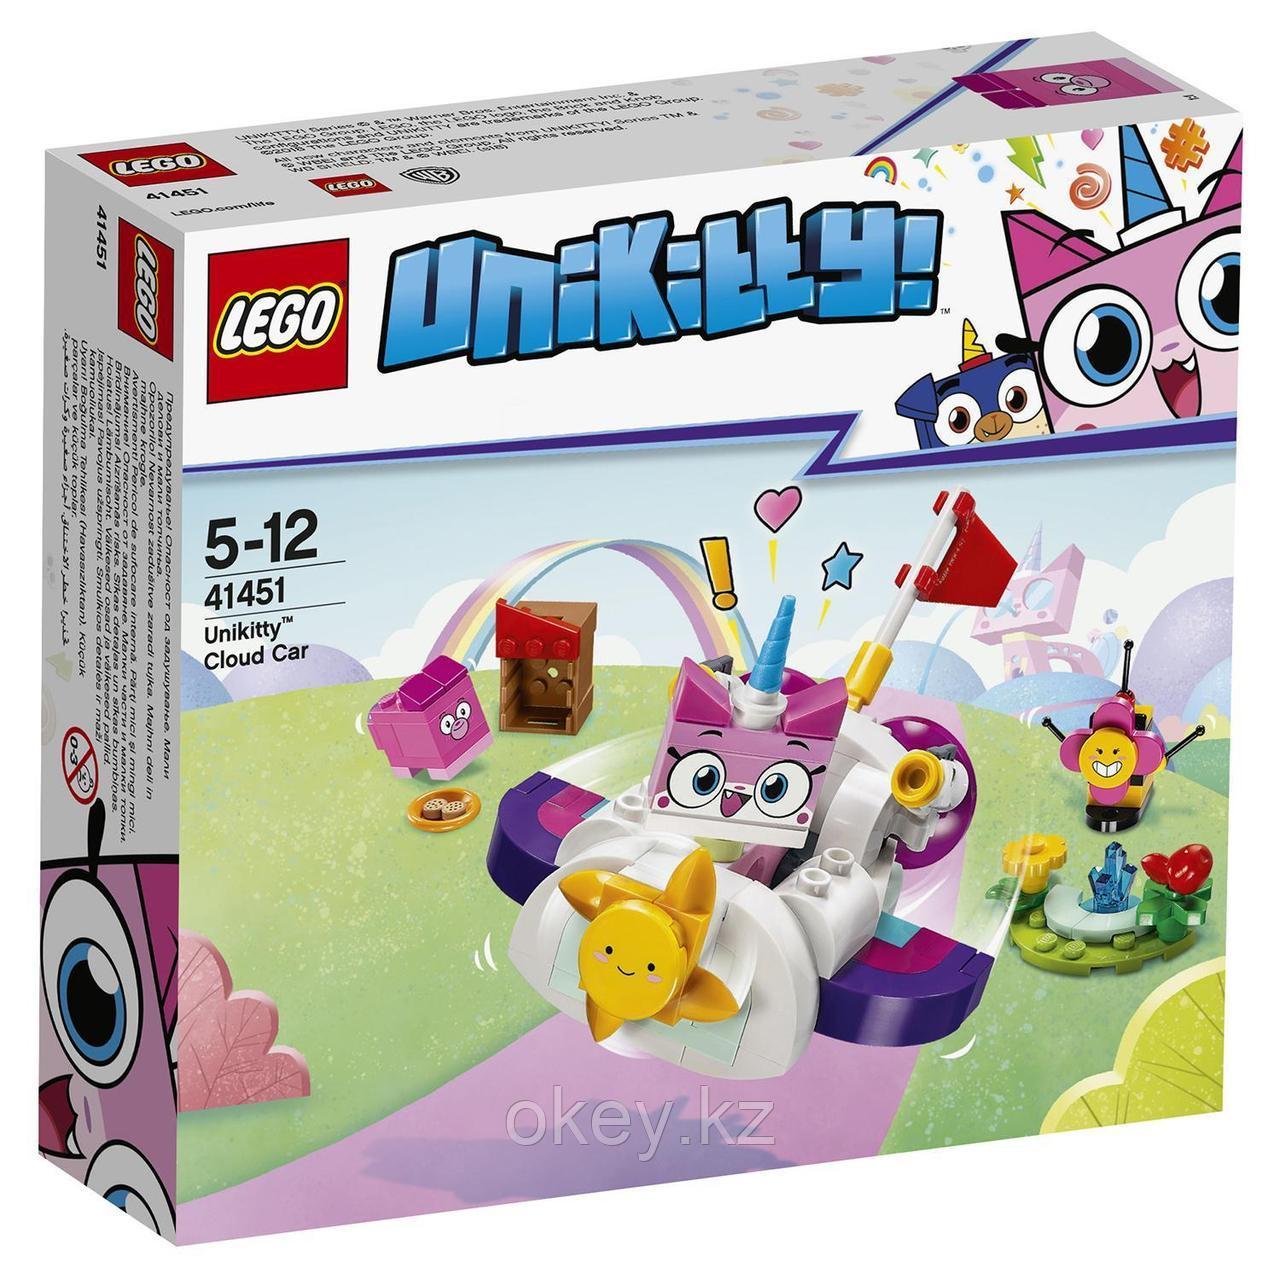 LEGO Unikitty: Машина-облако Юникитти 41451